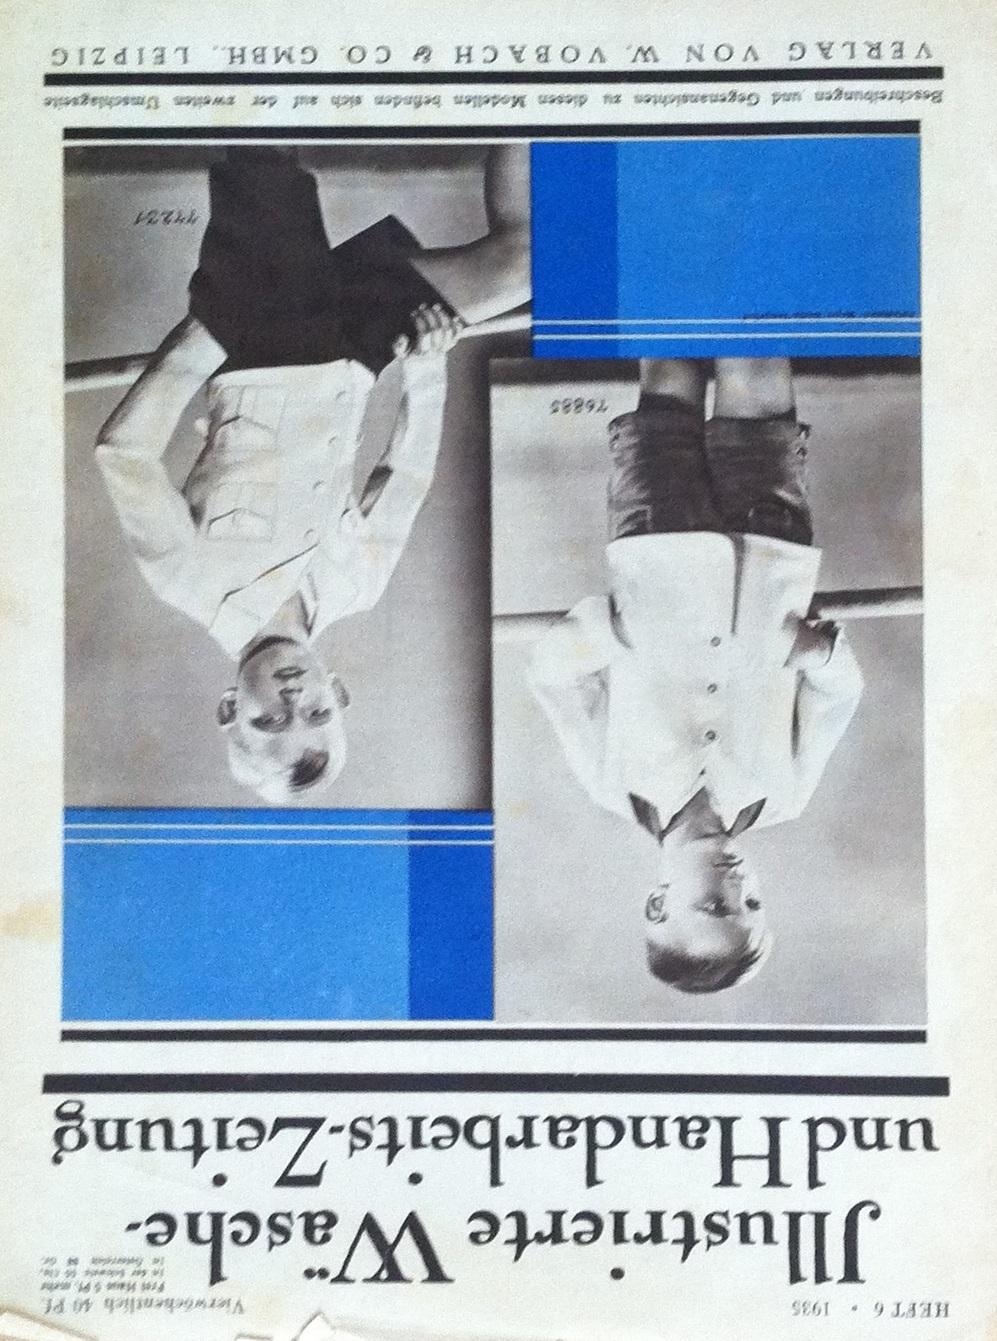 Illustrierte Wäsche- und Handarbeits-Zeitung No. 6 1935